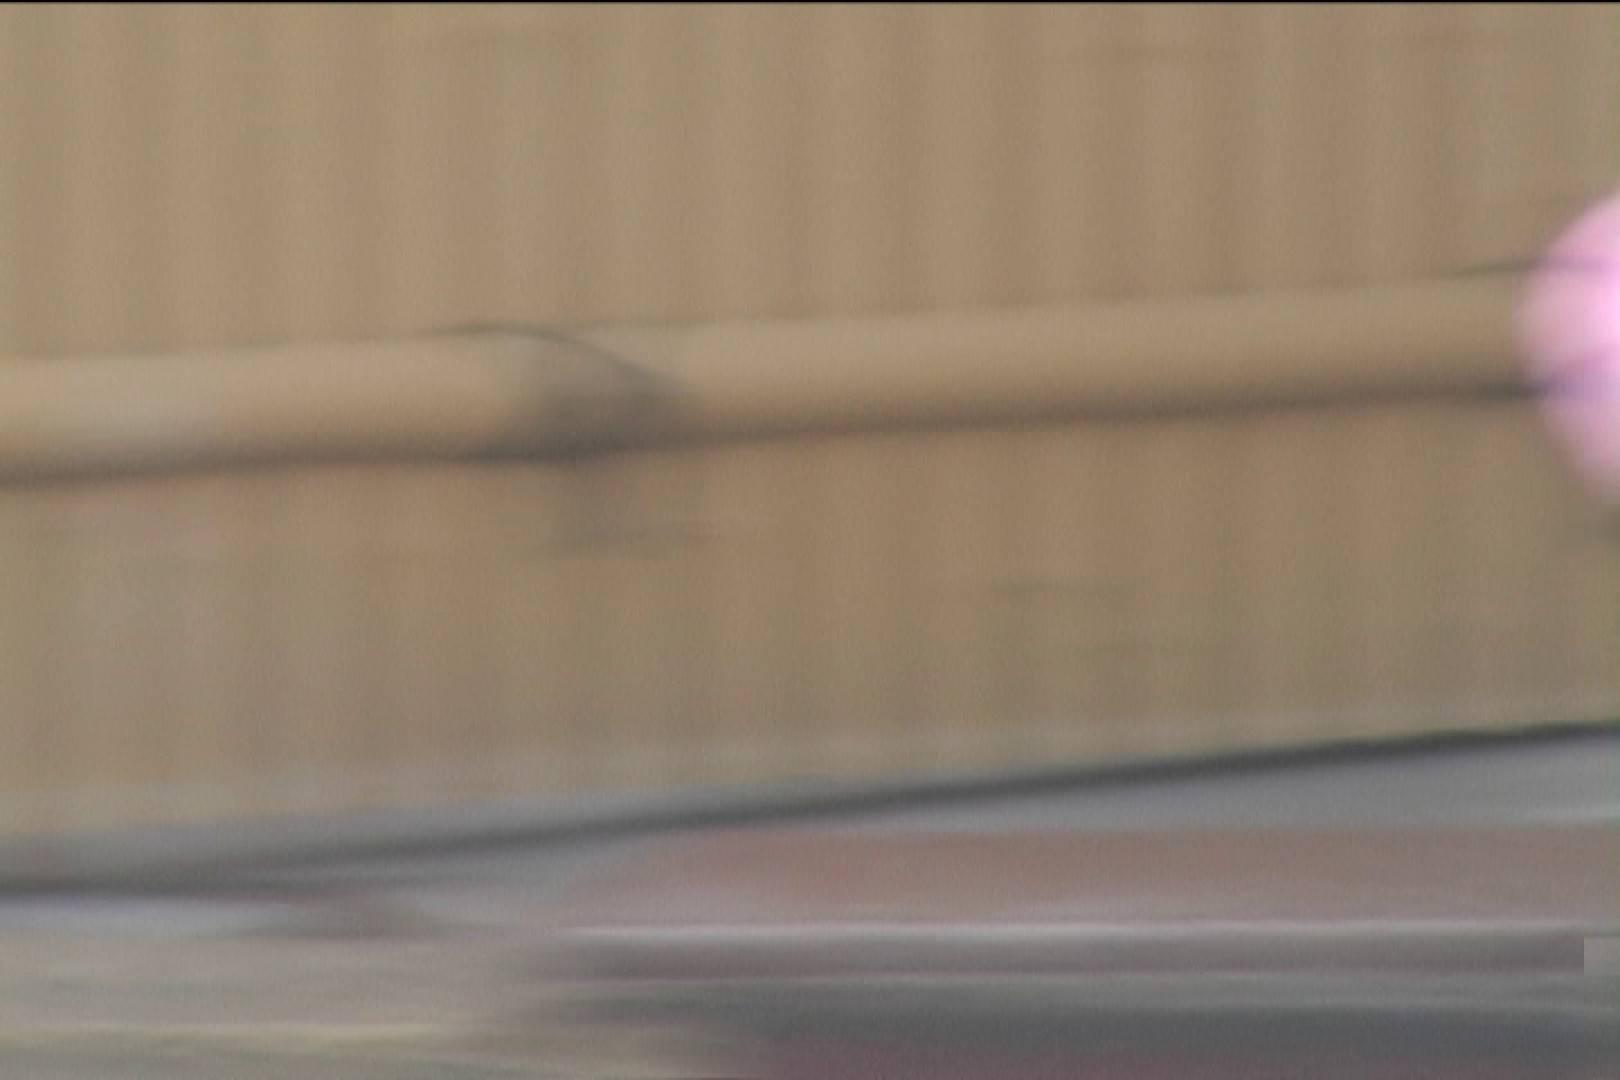 Aquaな露天風呂Vol.525 OLのエロ生活 盗み撮り動画キャプチャ 106連発 65